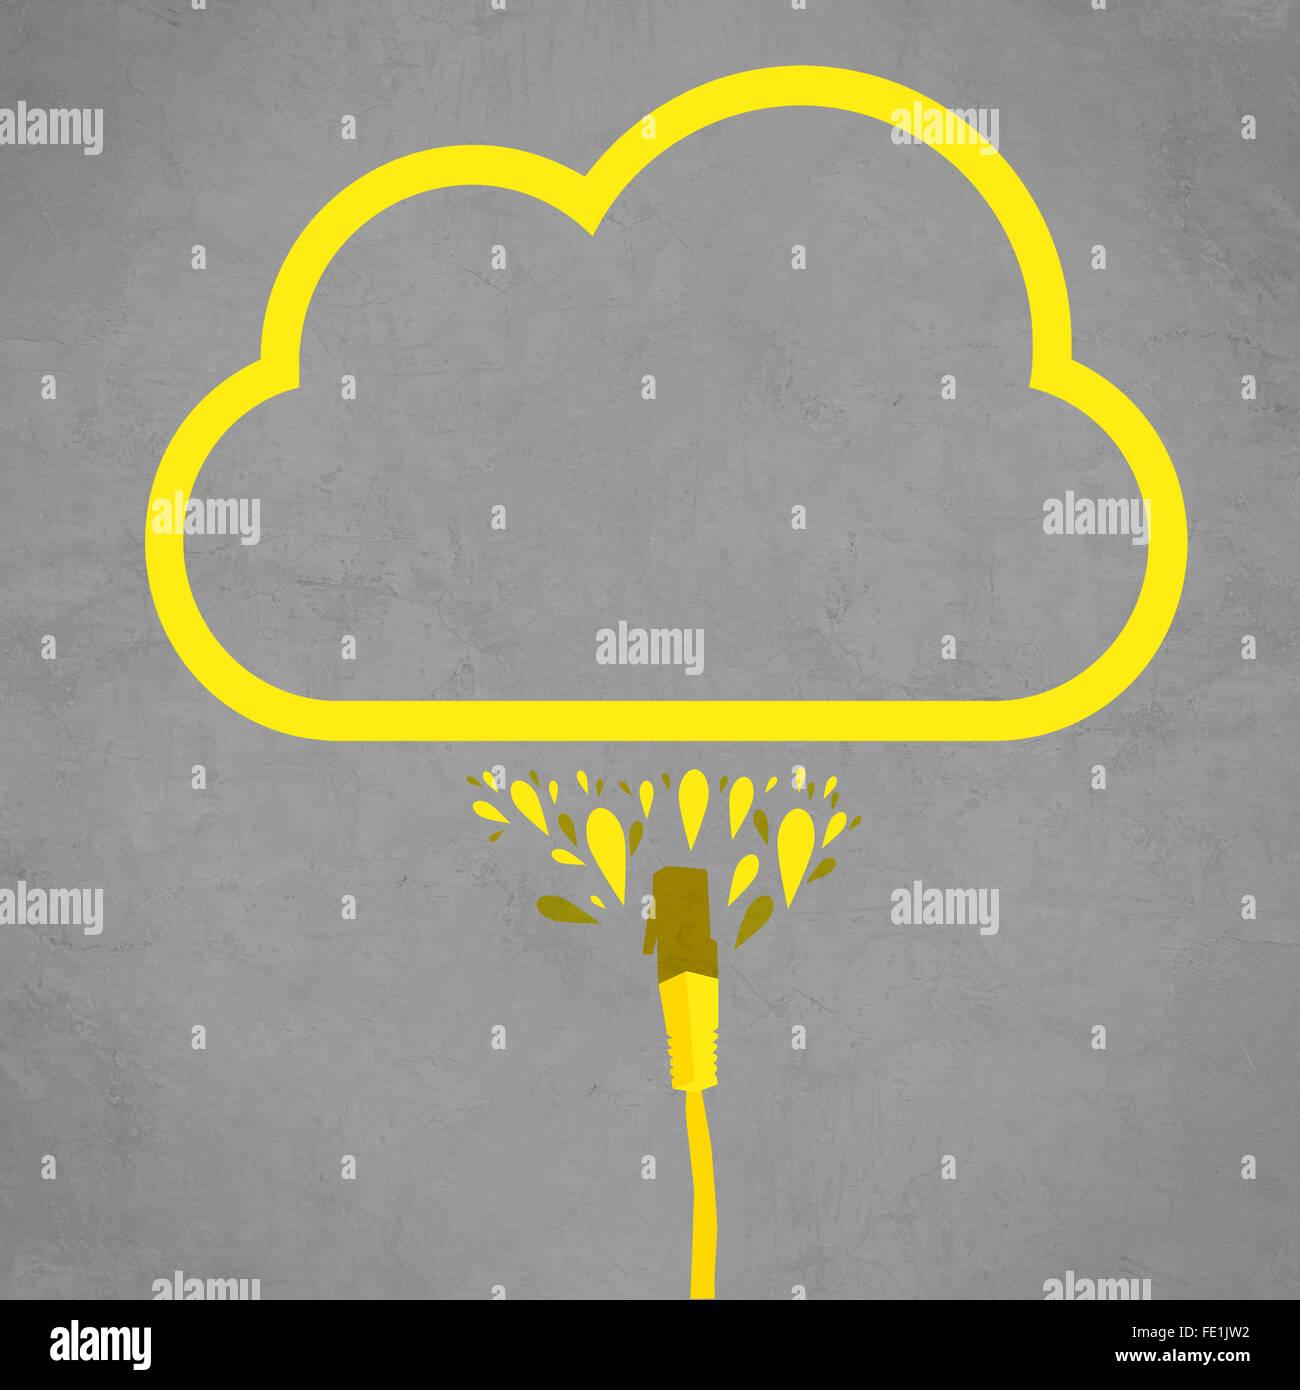 Il cavo LAN è collegato al servizio cloud, semplice linea piatta illustrazione della tecnologia di internet Immagini Stock